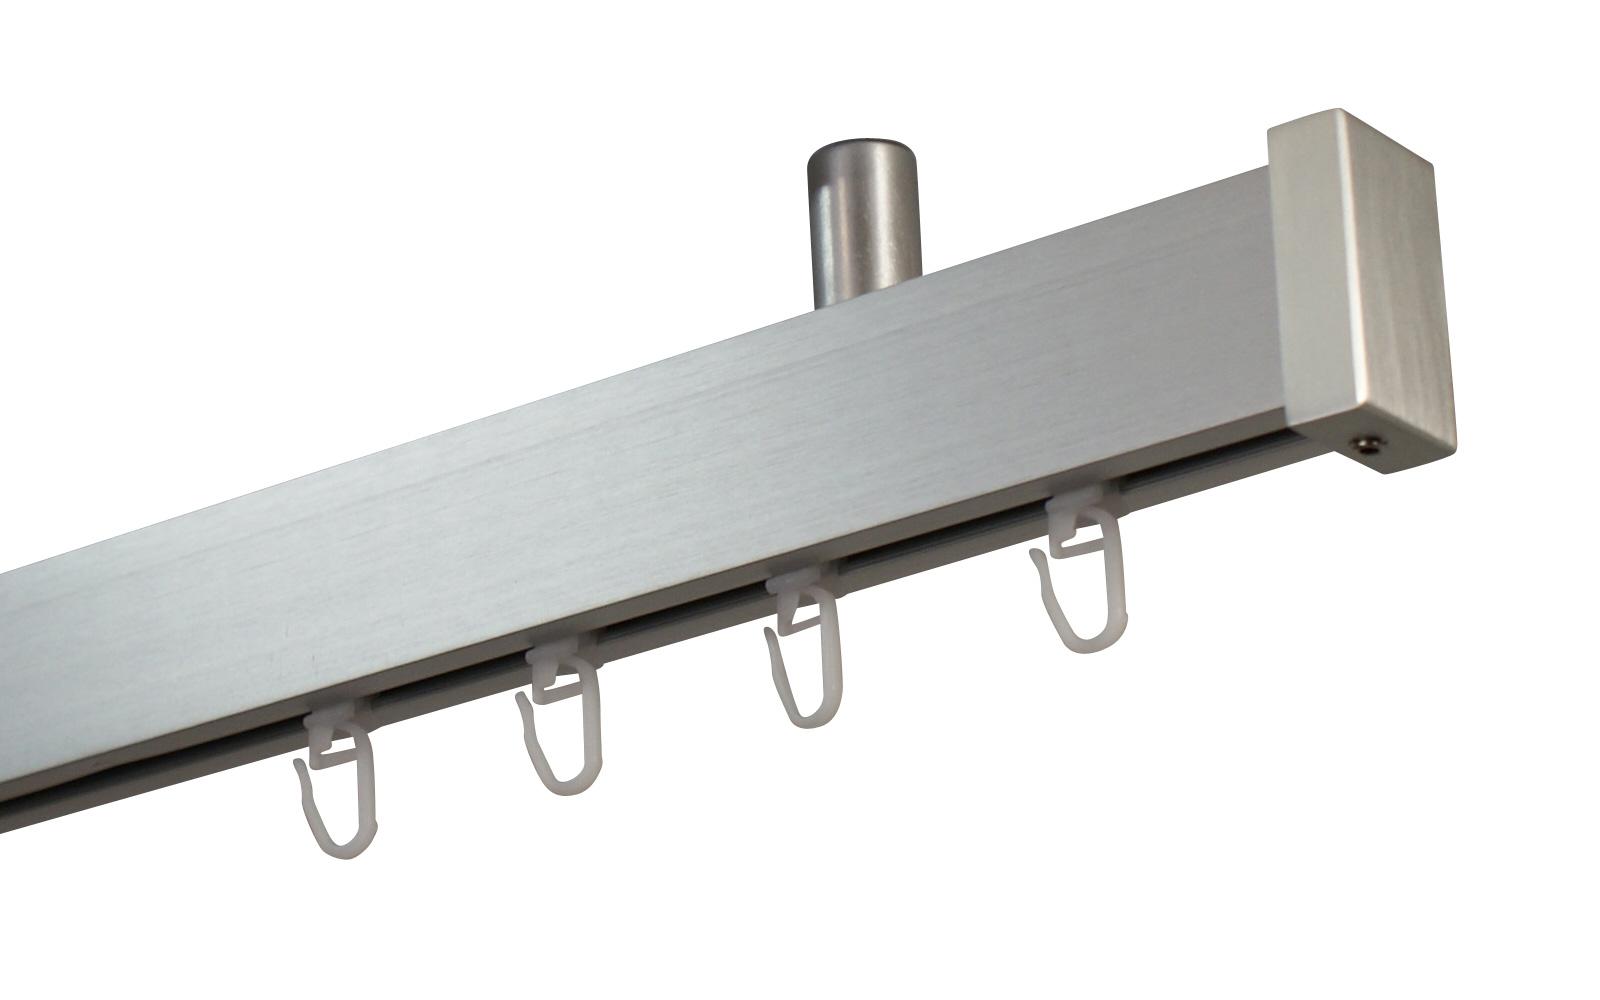 Gardinenstange Eckig Silber Deckenmontage